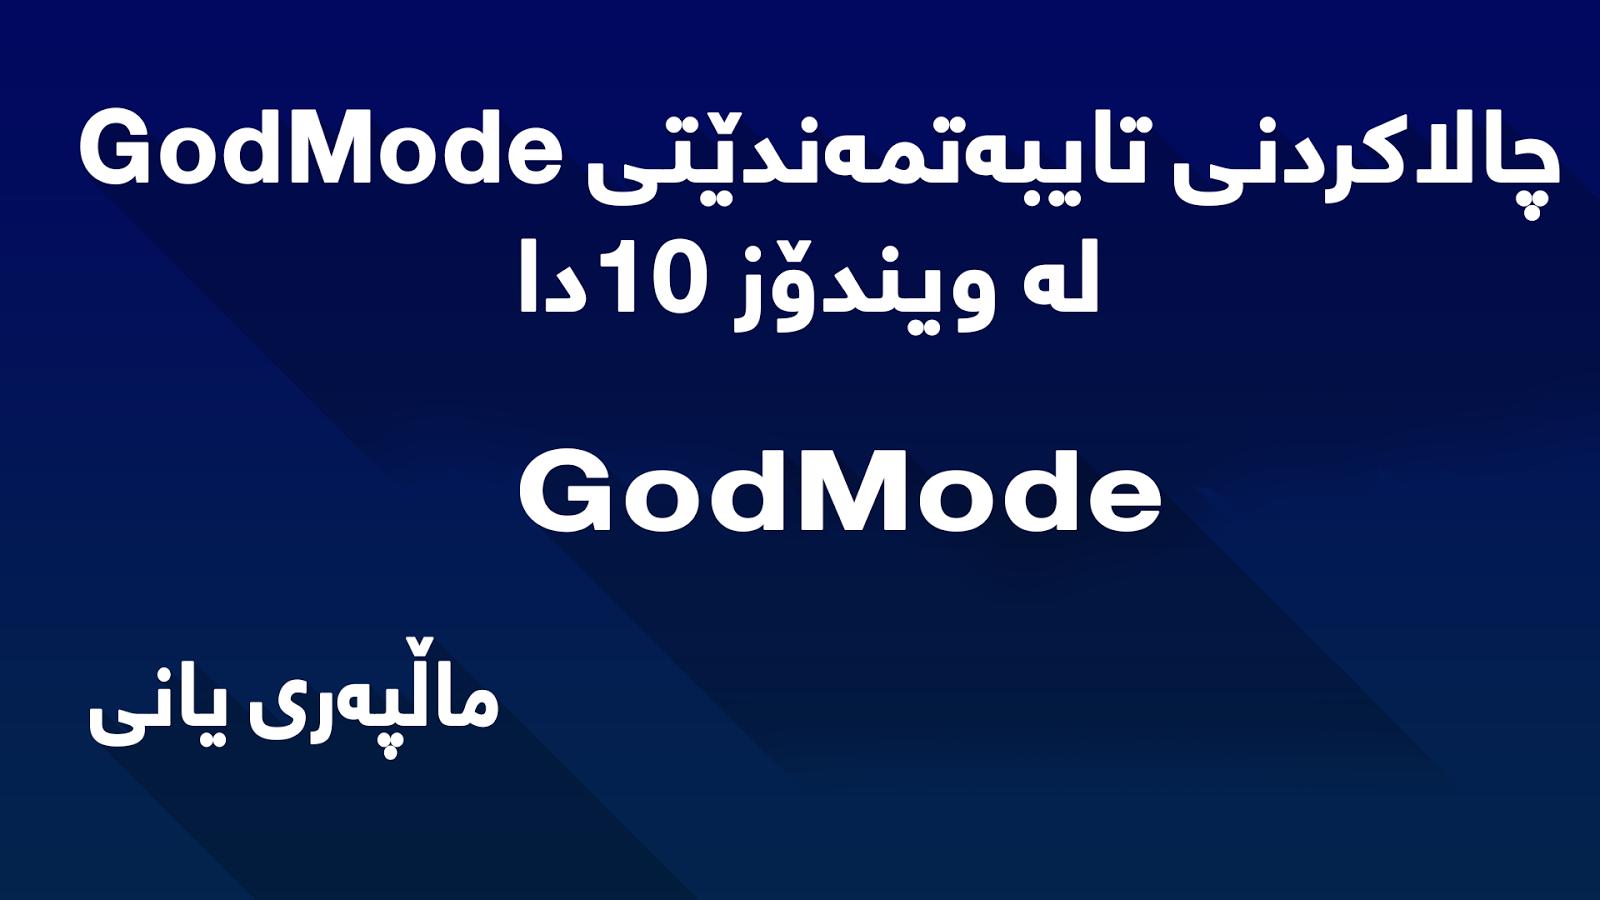 فیركاری | چالاکردنی تایبهتمهندێتی GodMode له ویندۆز 10دا